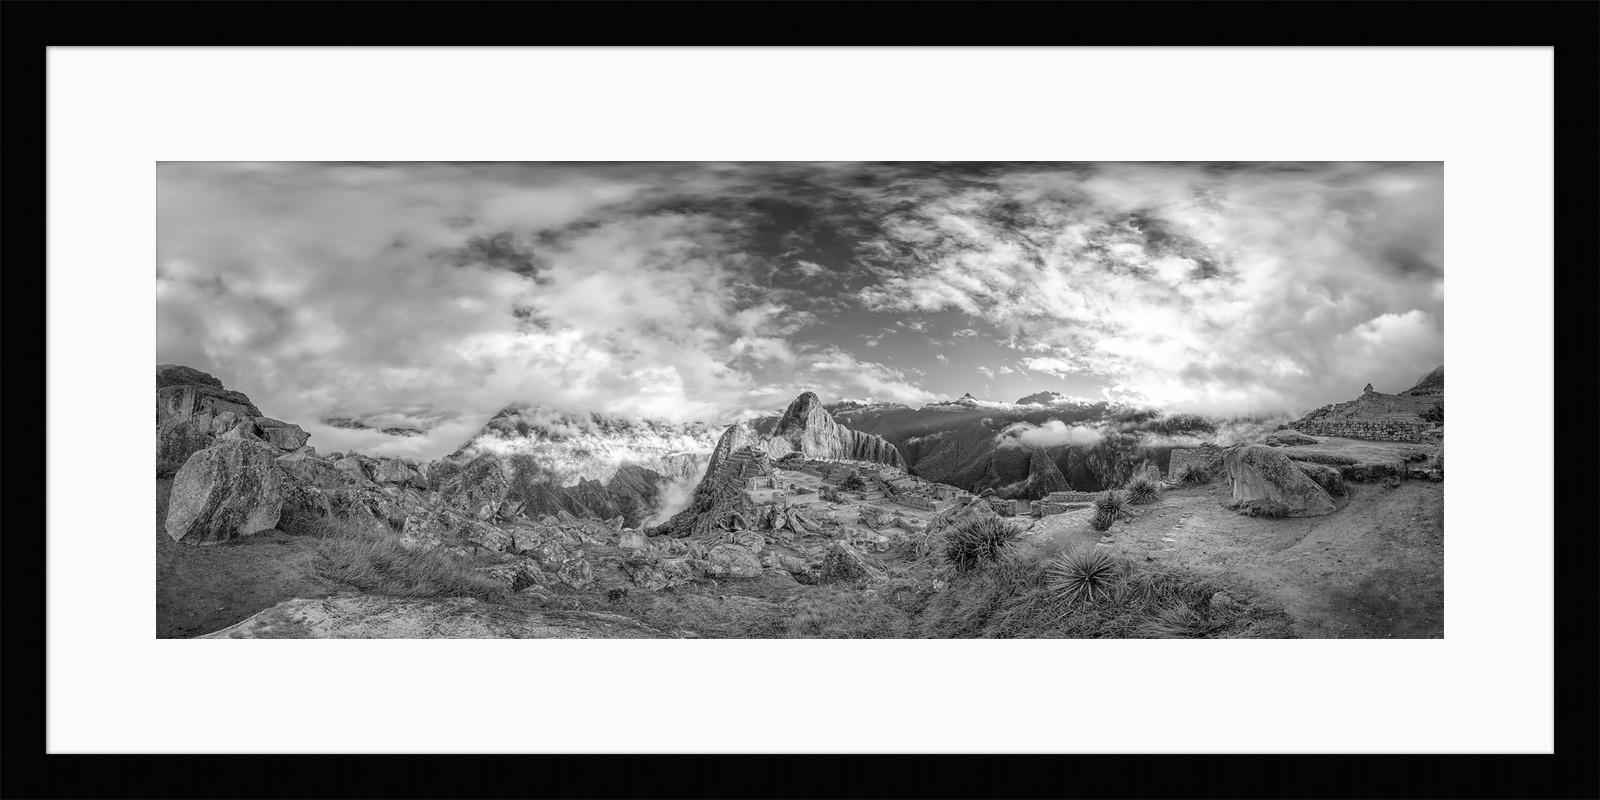 Machu Picchu - Framed High-Res Fine Art Photograph